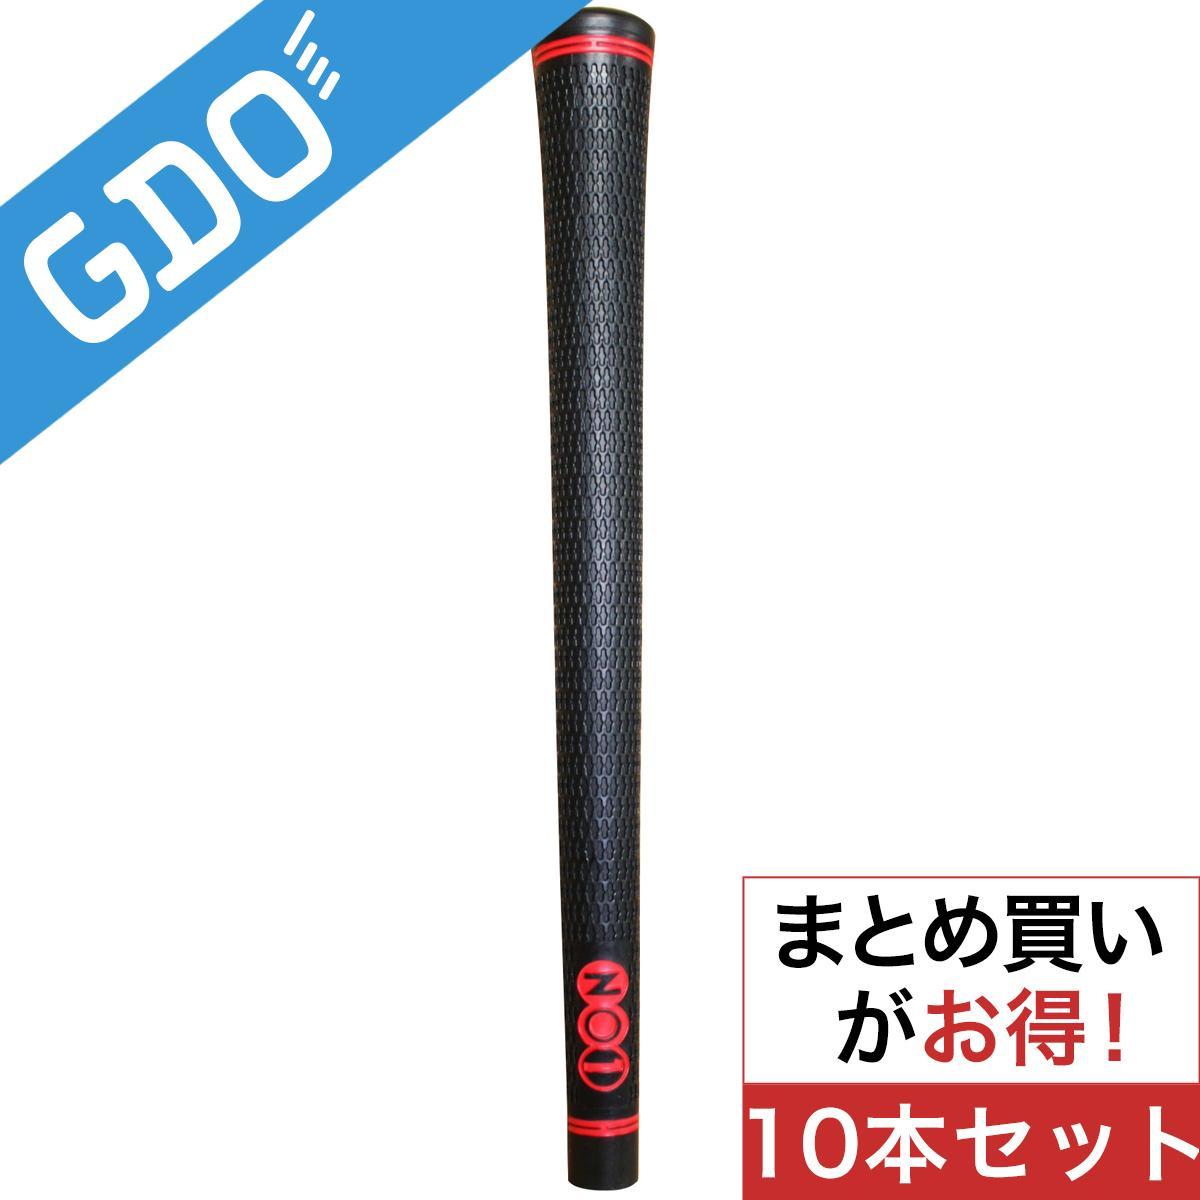 【4/14(日)までお得なクーポン配布中♪】NO1グリップ NO1Grip 50シリーズ Soft&Solid グリップ 10本セット